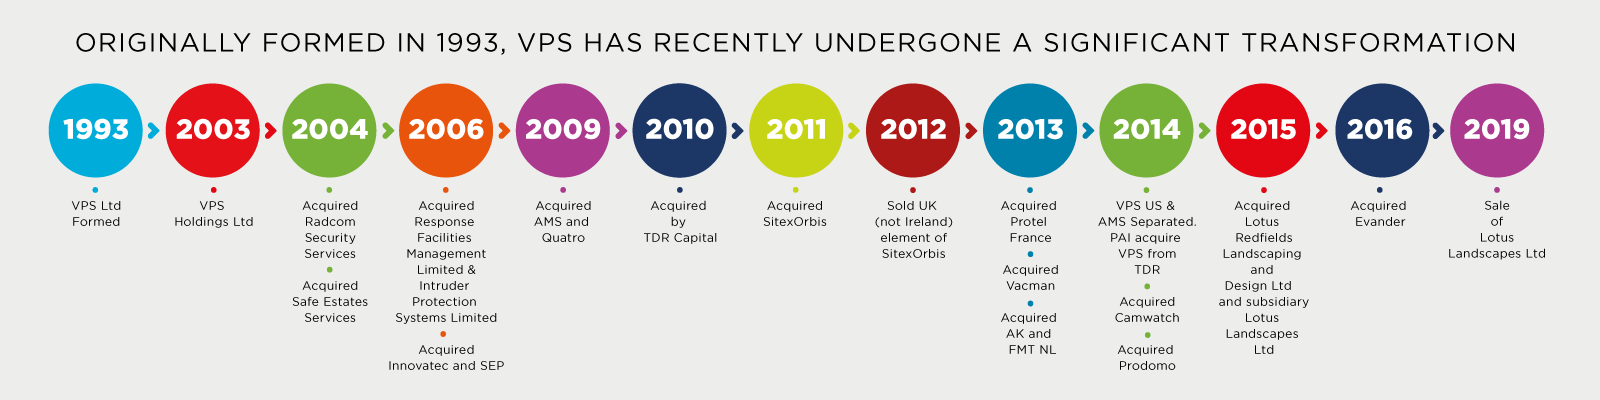 <<infographic (plus 2019 sale of lotus landscape